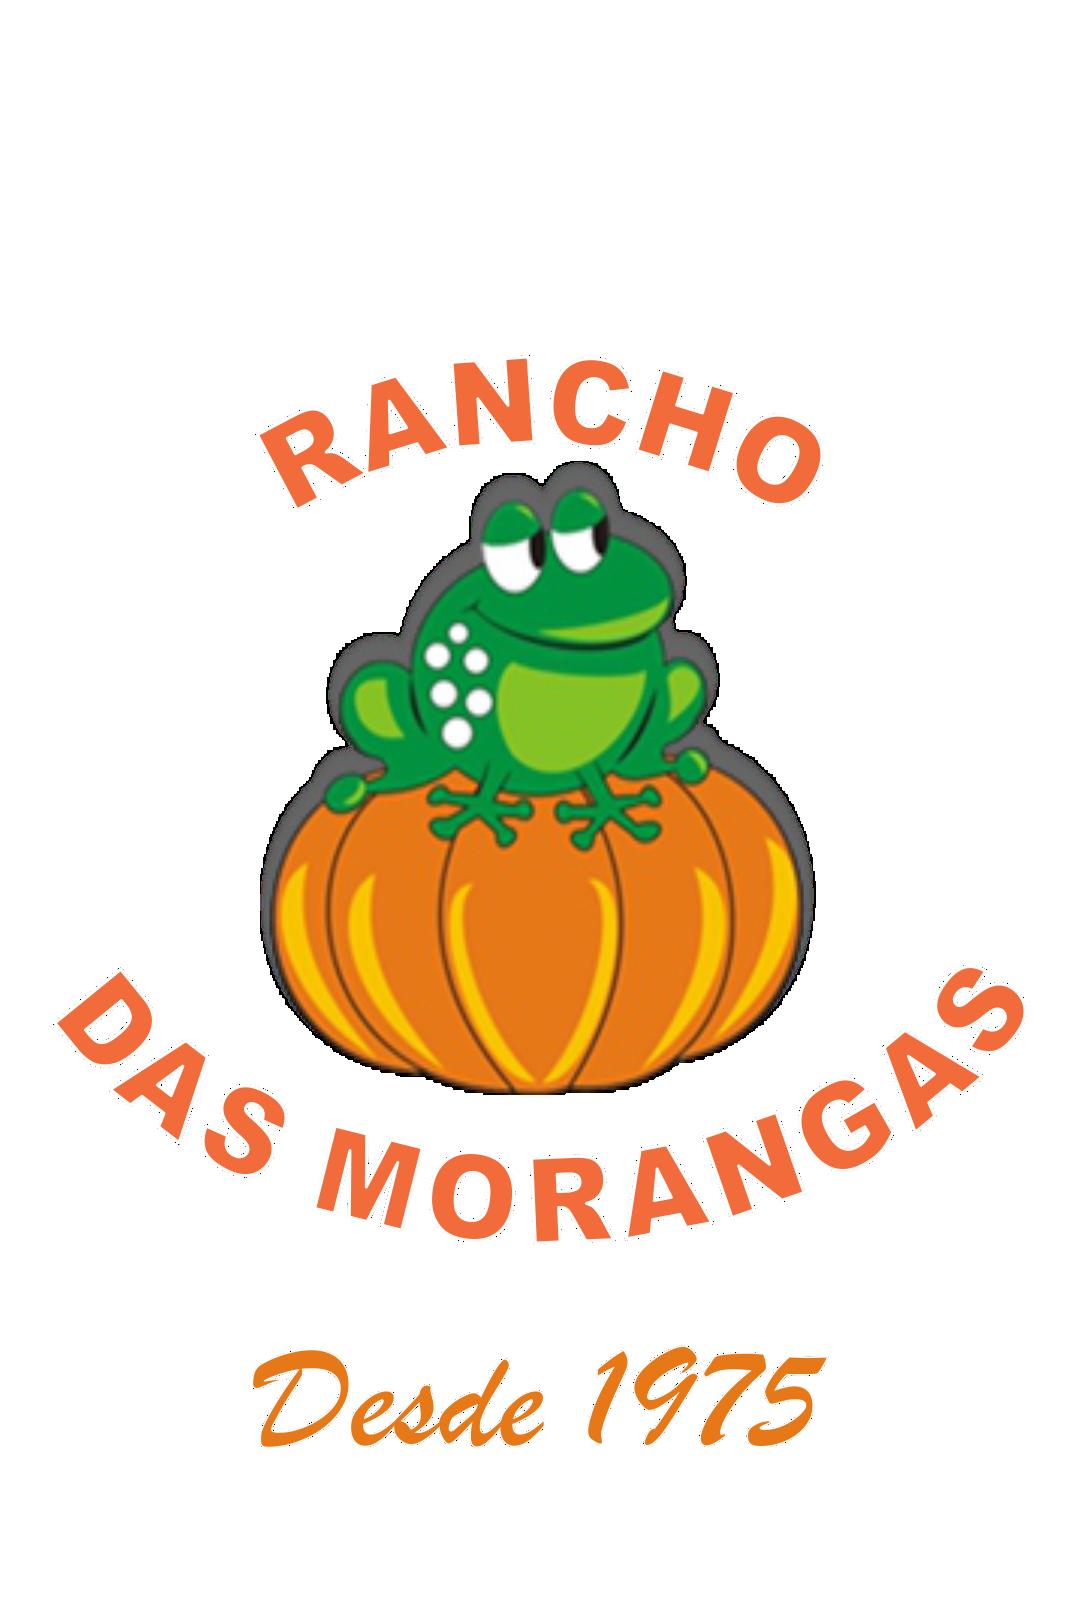 Rancho das morangas